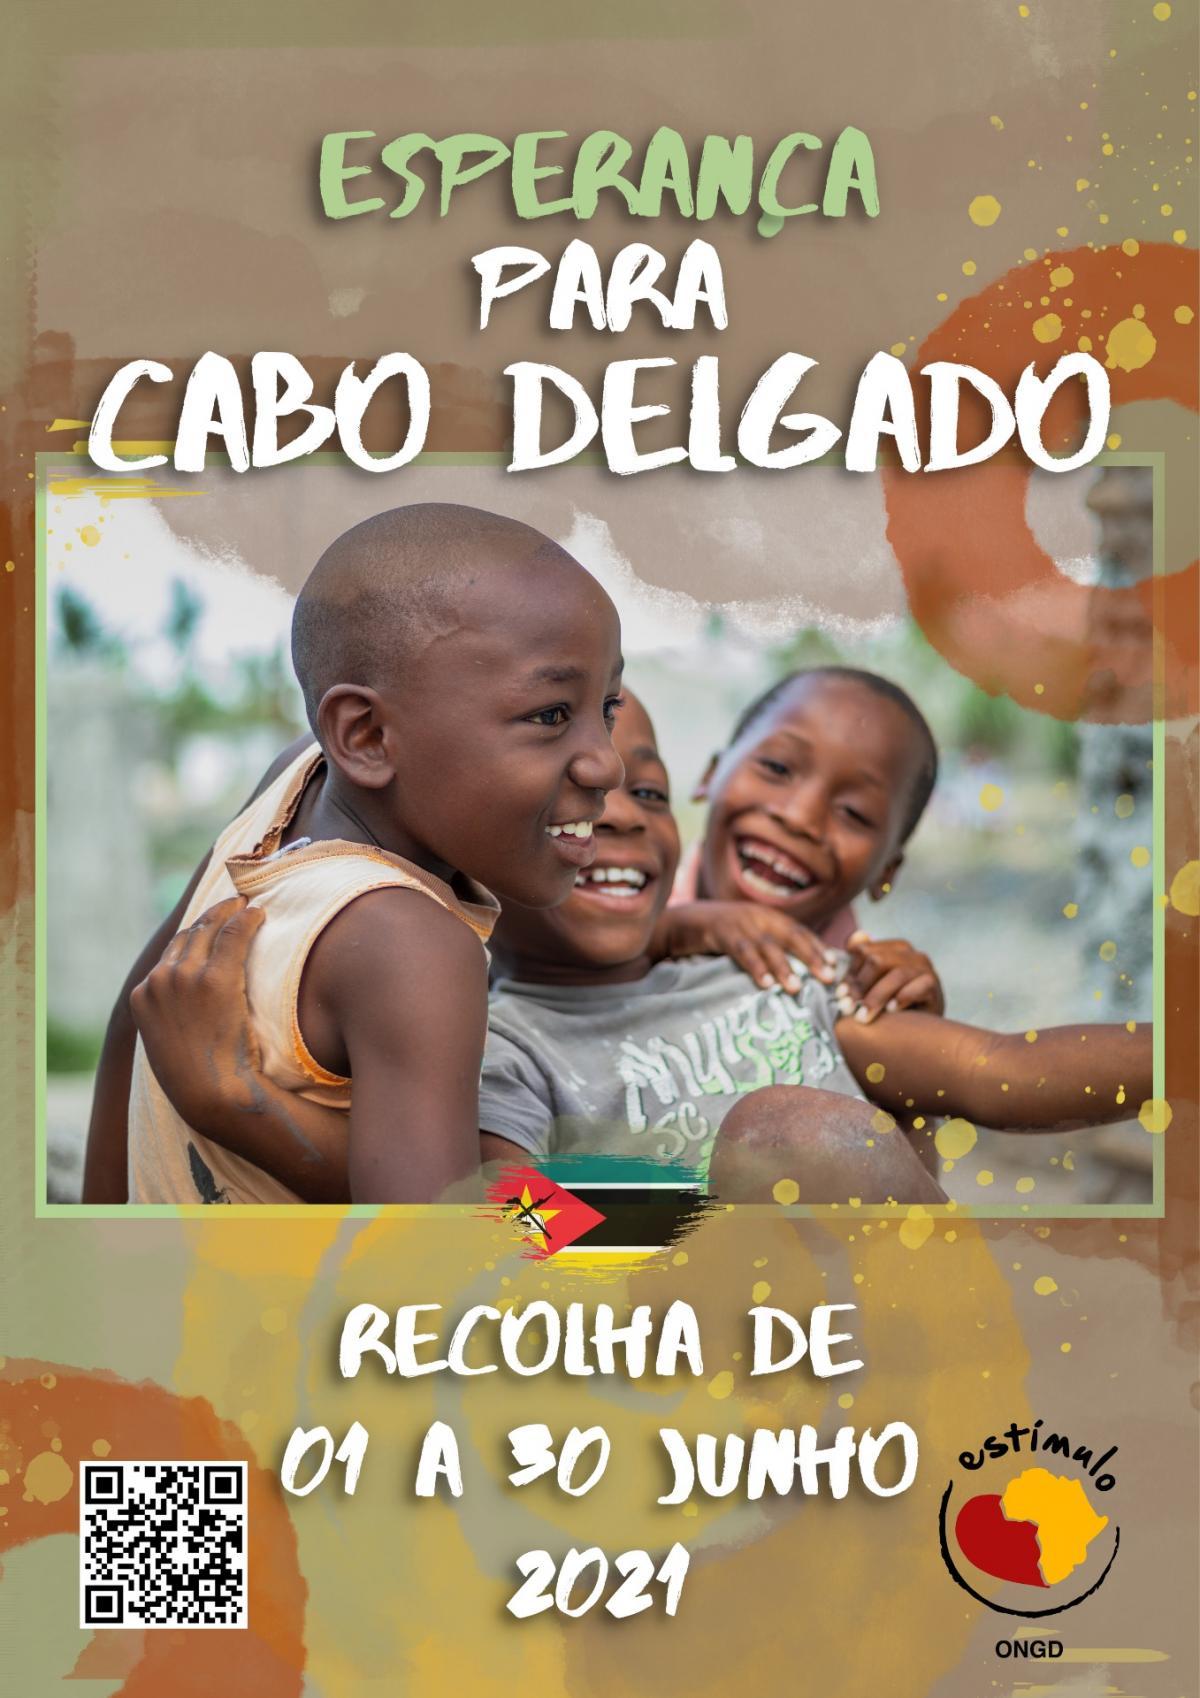 Campanha a favor de Cabo Delgado